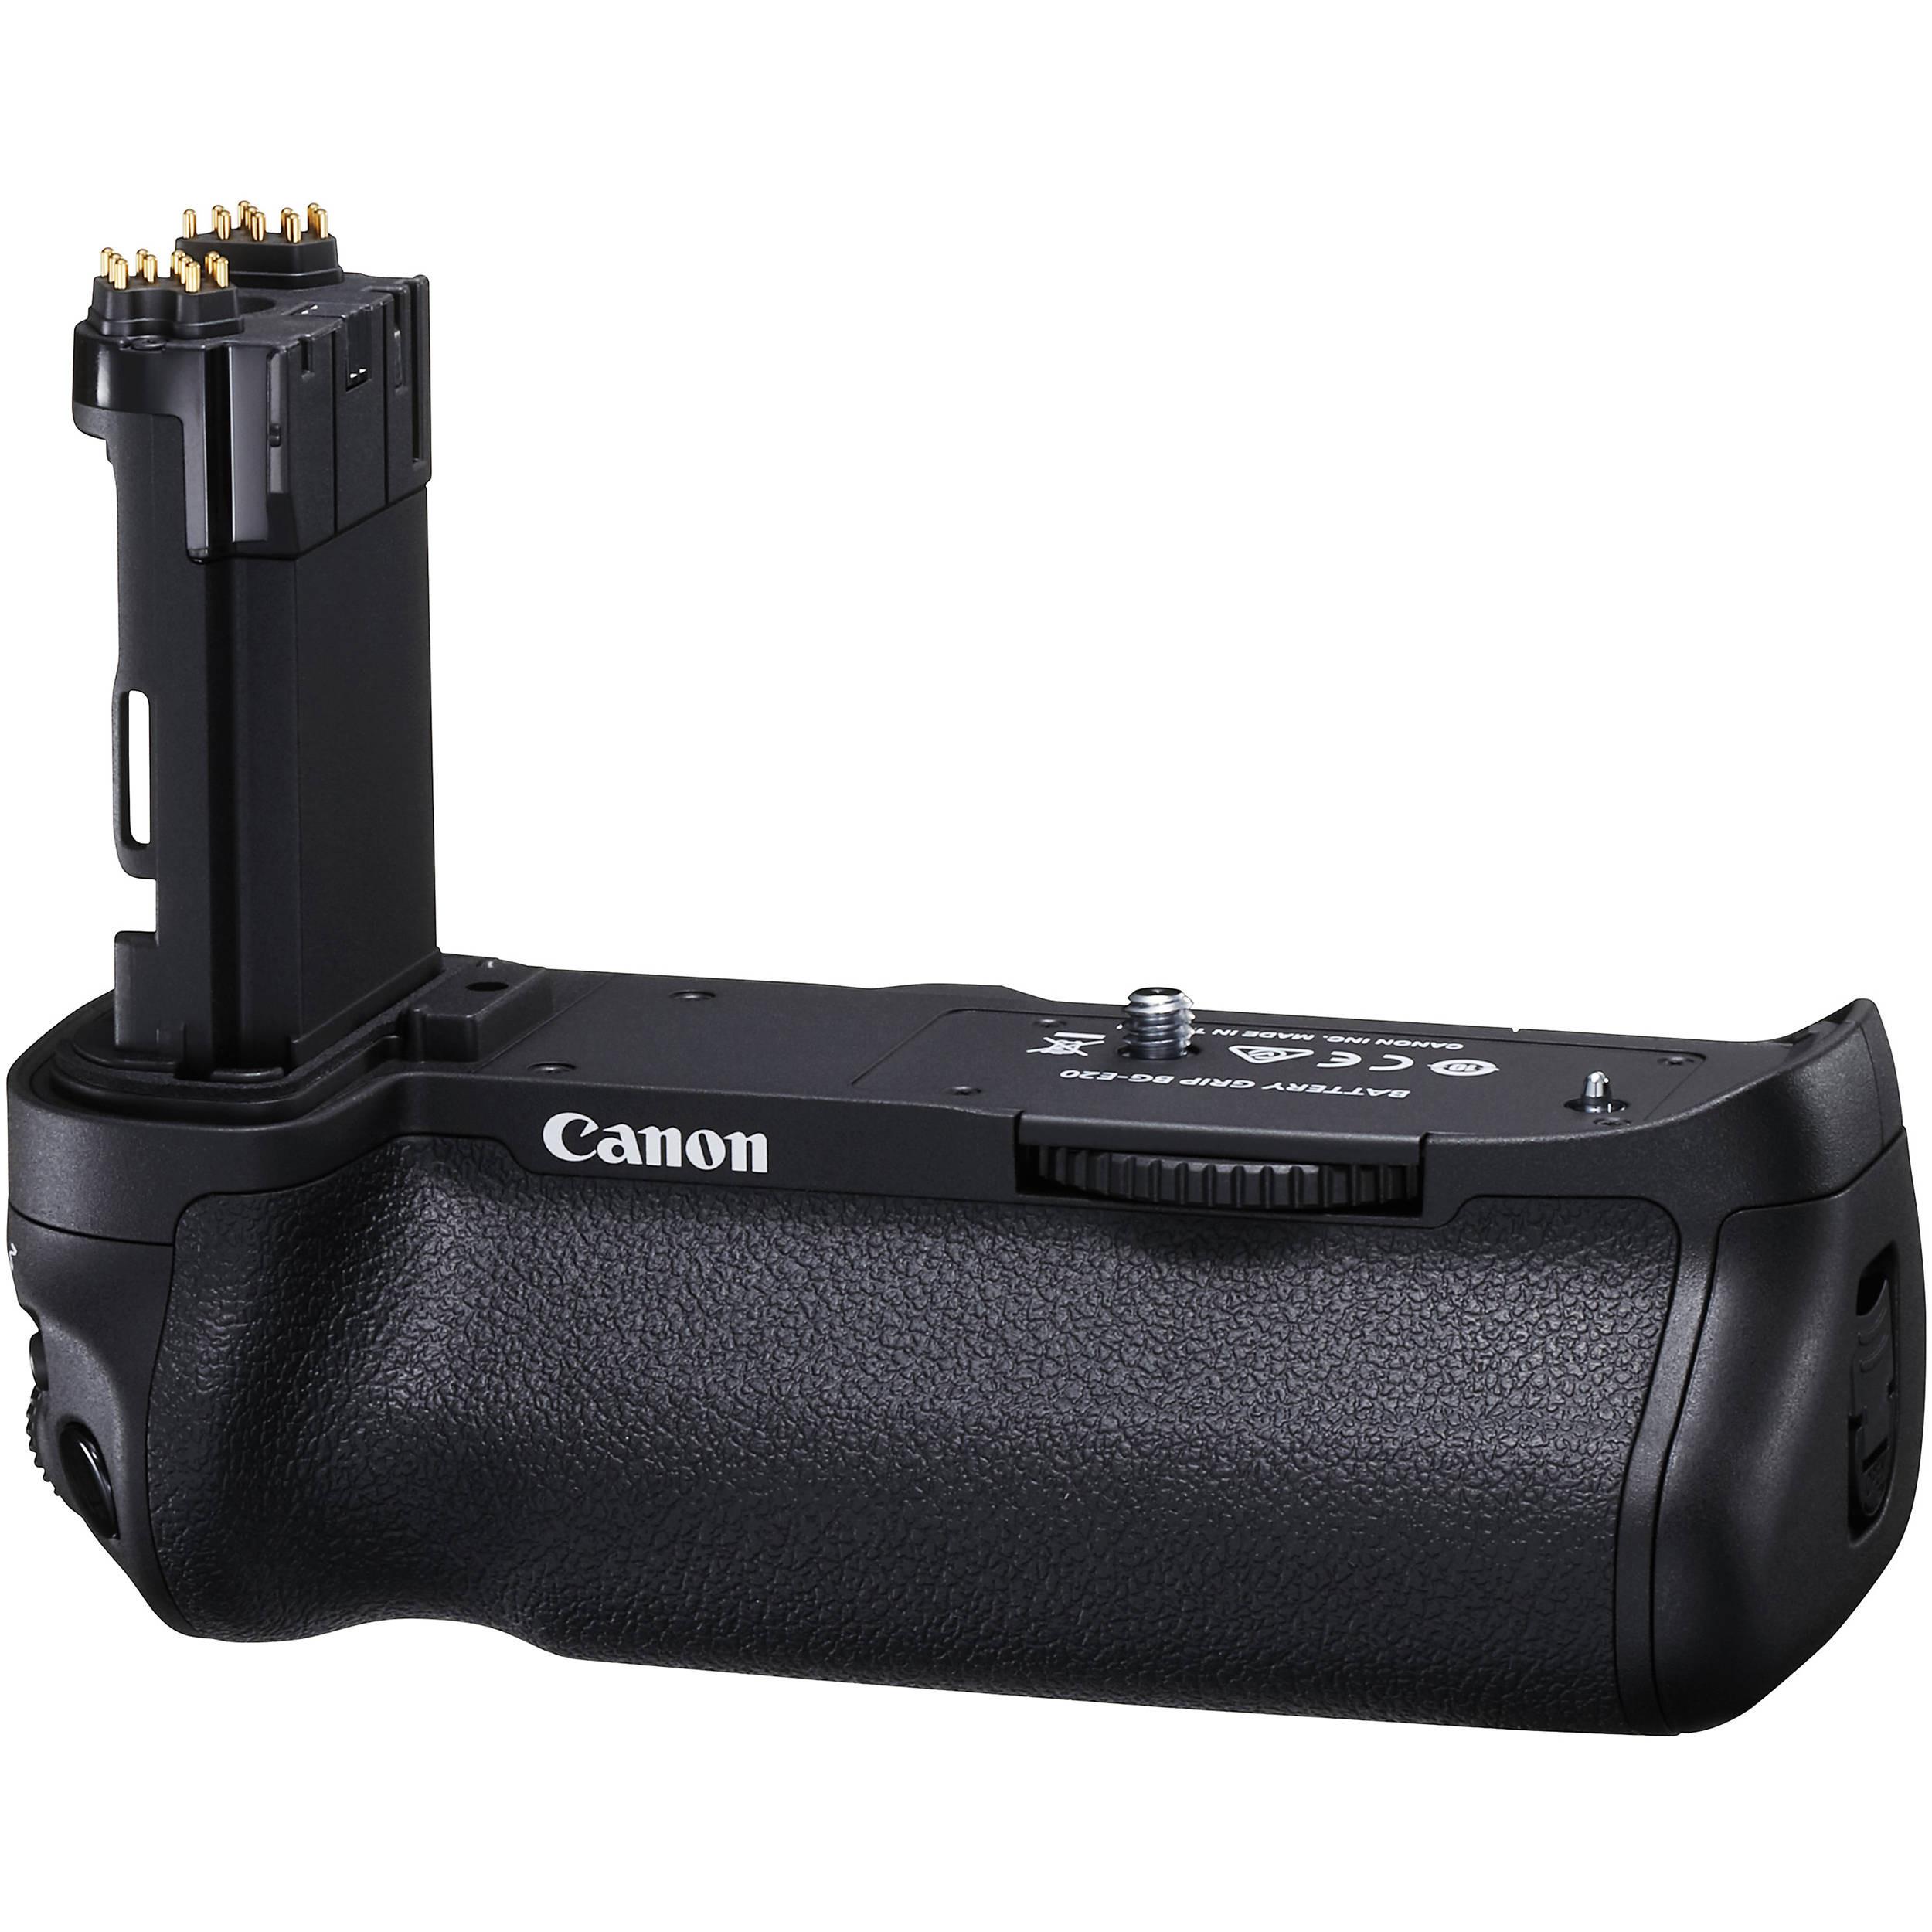 Батарейный блок Canon BG-E20 для фотоаппарата 5D mark IV